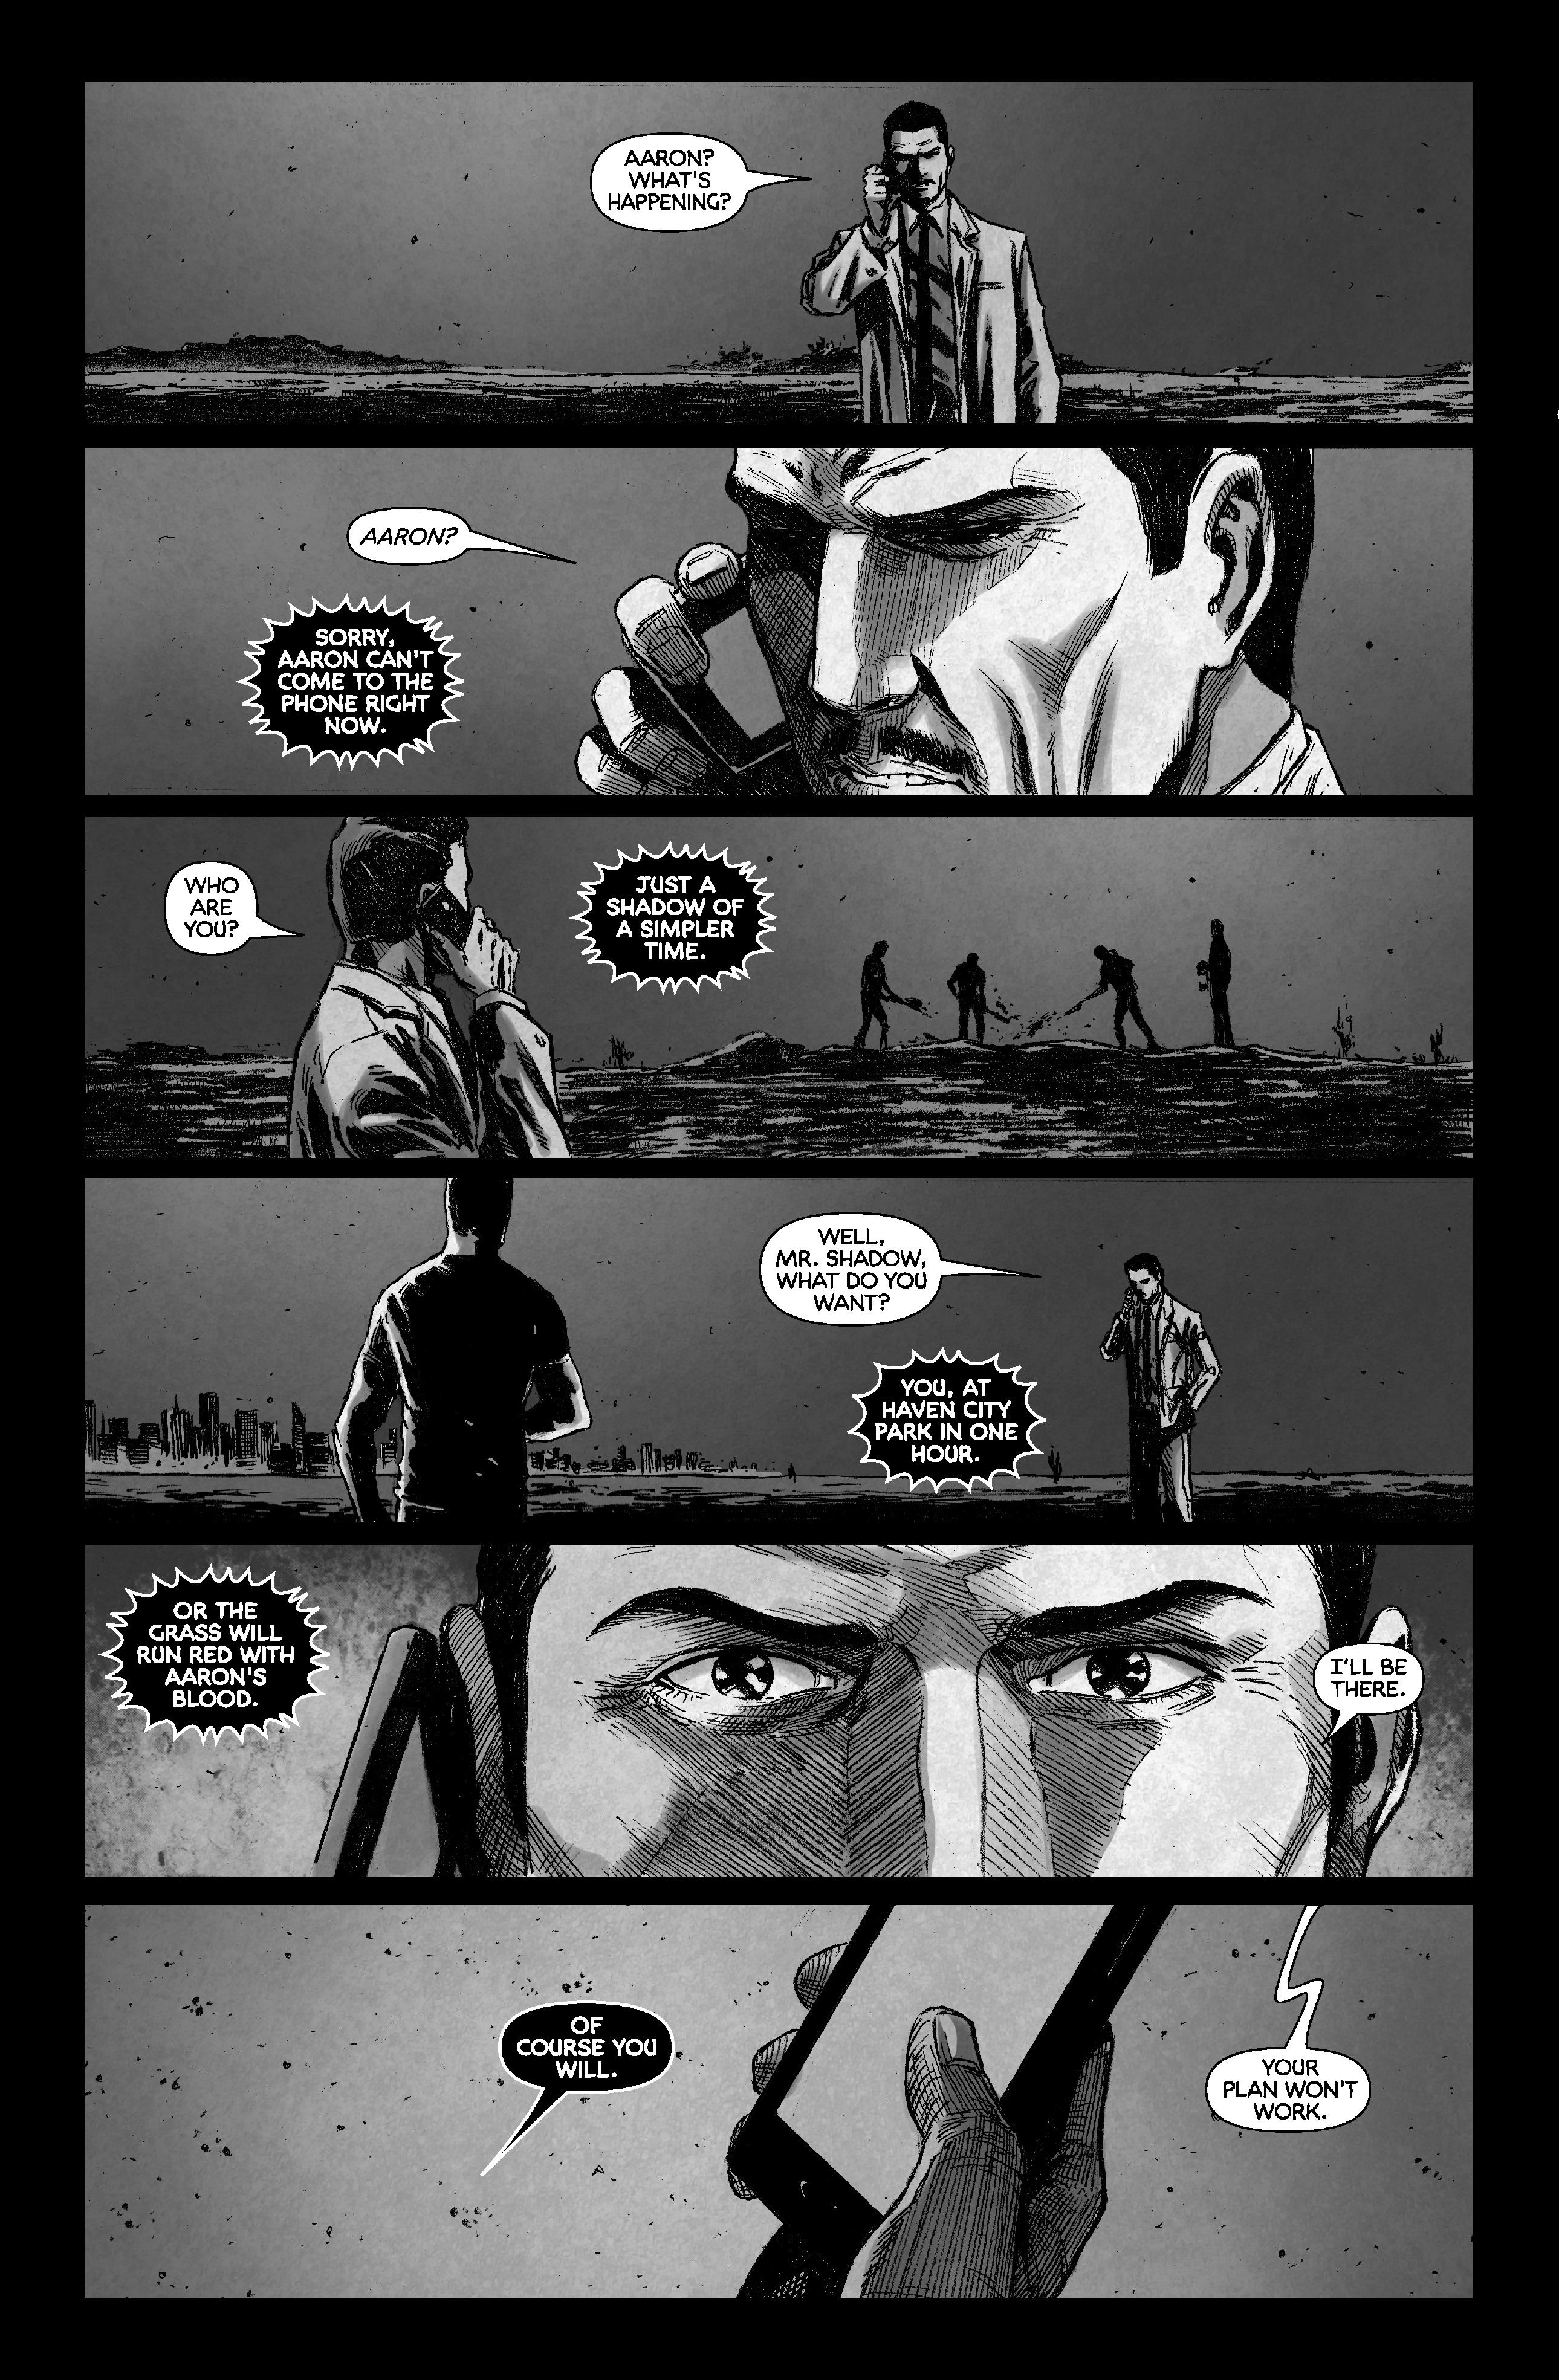 (21) Mr. Shadow